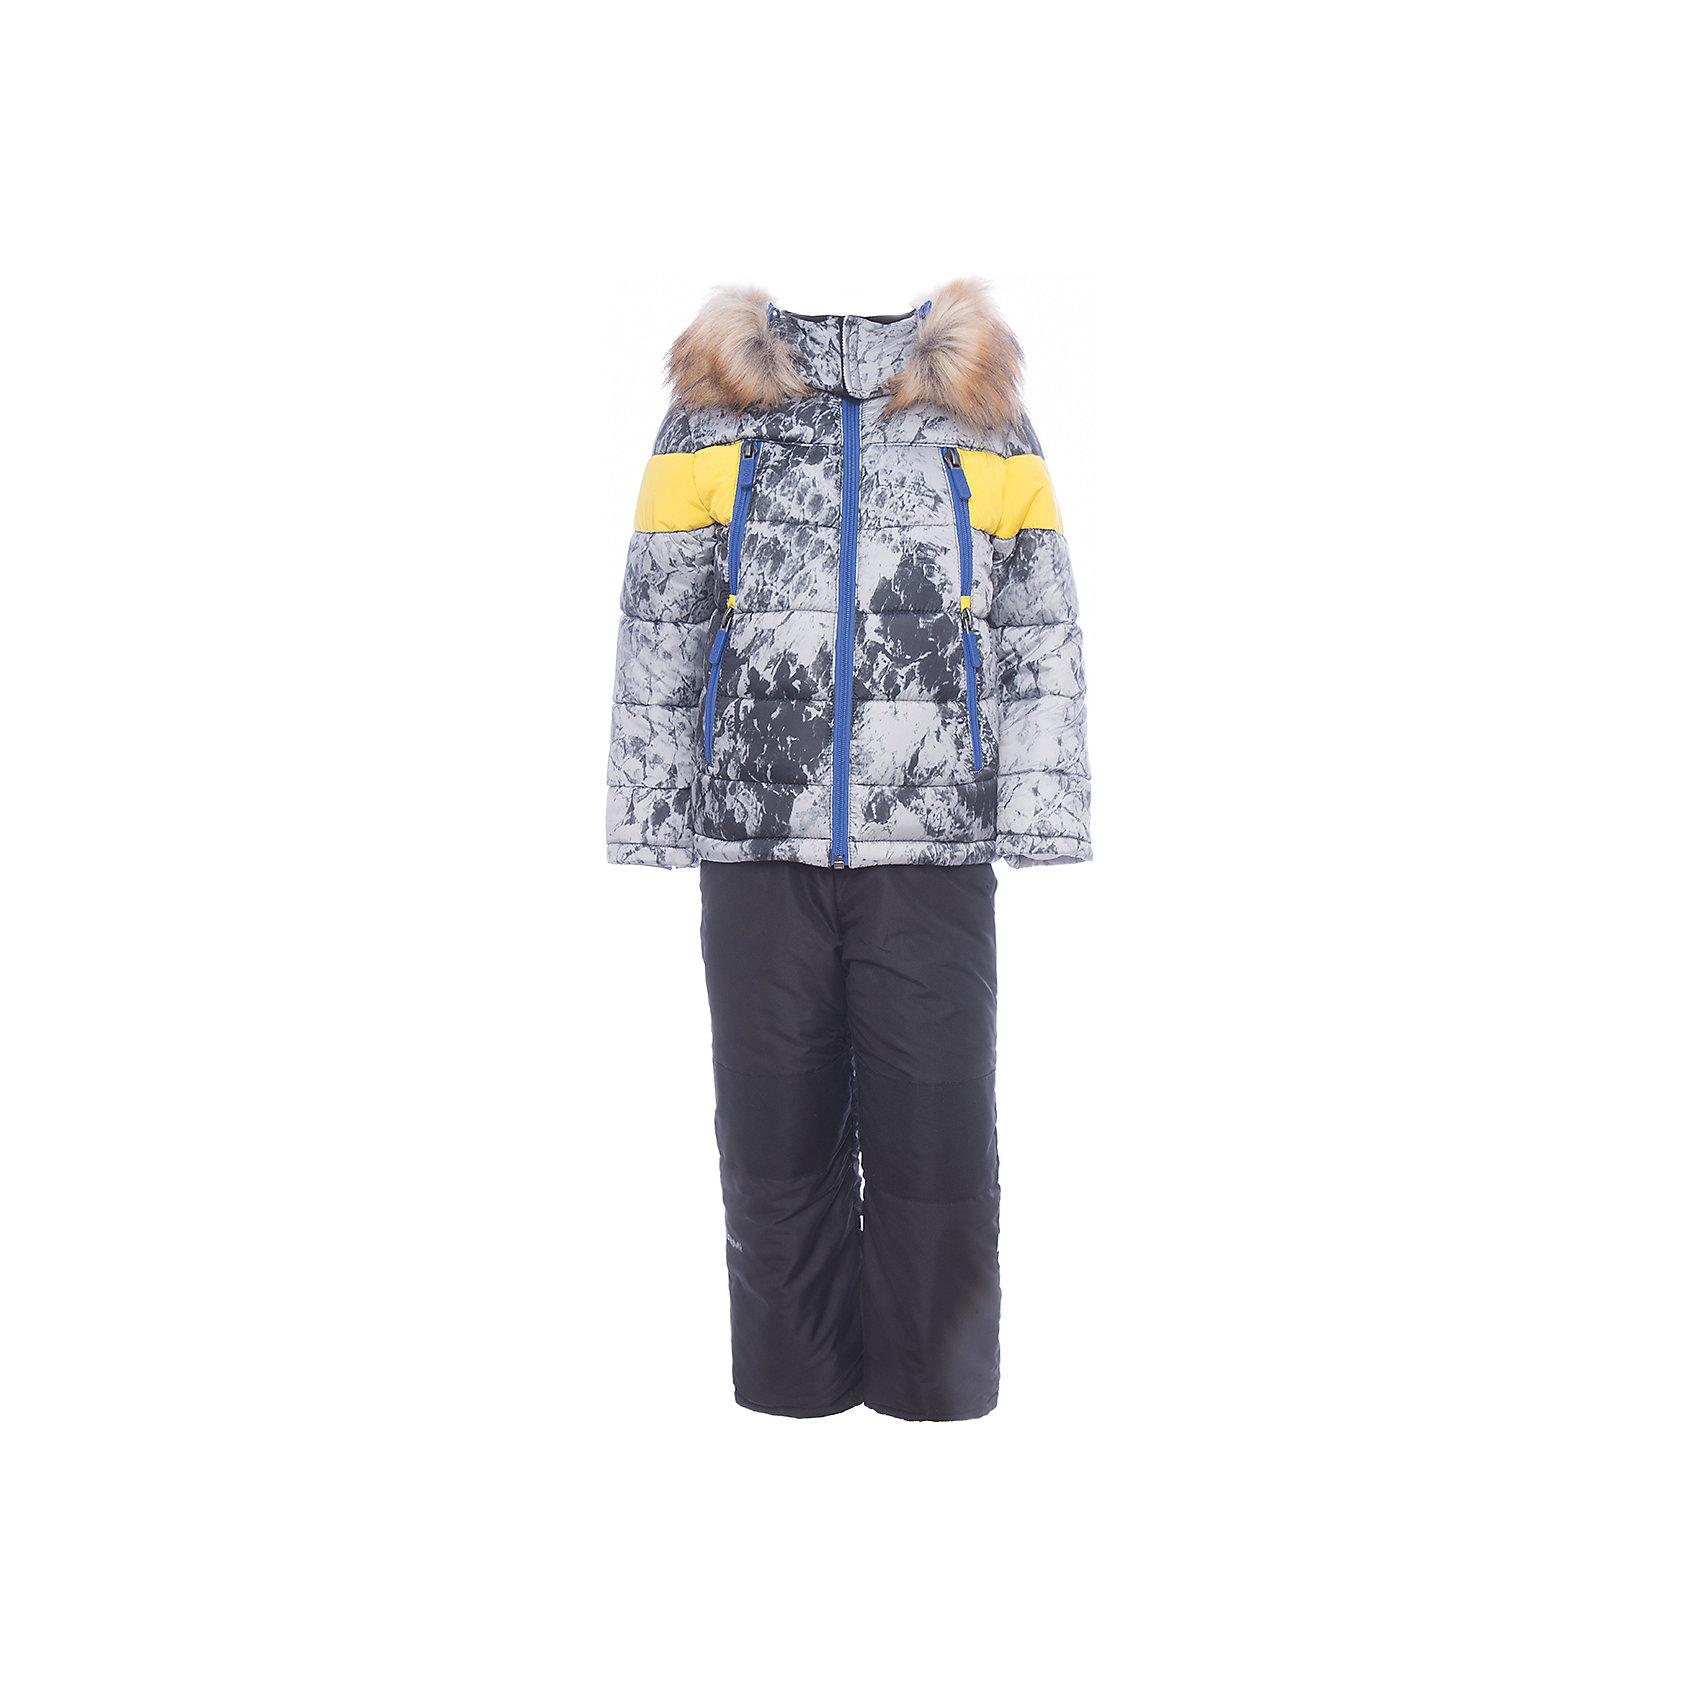 Комплект: куртка и полукомбинезон BOOM by Orby для мальчикаВерхняя одежда<br>Характеристики товара:<br><br>• цвет: синий<br>• комплектация: куртка, полукомбинезон <br>• состав ткани: таффета pu milky<br>• подкладка: хлопок, флис, полиэстер пуходержащий<br>• утеплитель: эко синтепон<br>• сезон: зима<br>• температурный режим: от 0 до -30С<br>• плотность утеплителя: куртка - 400 г/м2, полукомбинезон - 200 г/м2<br>• капюшон: с мехом<br>• застежка: молния<br>• страна бренда: Россия<br>• страна изготовитель: Россия<br><br>Этот зимний комплект для детей состоит из куртки и полукомбинезона. Теплая зимняя куртка для ребенка дополнена капюшоном с опушкой. Комплект для мальчика дополнен удобными карманами. Этот зимний детский комплект декорирован стильным принтом. <br><br>Комплект: куртка и полукомбинезон для мальчика BOOM by Orby (Бум бай Орби) можно купить в нашем интернет-магазине.<br><br>Ширина мм: 356<br>Глубина мм: 10<br>Высота мм: 245<br>Вес г: 519<br>Цвет: белый<br>Возраст от месяцев: 48<br>Возраст до месяцев: 60<br>Пол: Мужской<br>Возраст: Детский<br>Размер: 110,104,98,92,86,122,116<br>SKU: 7090734